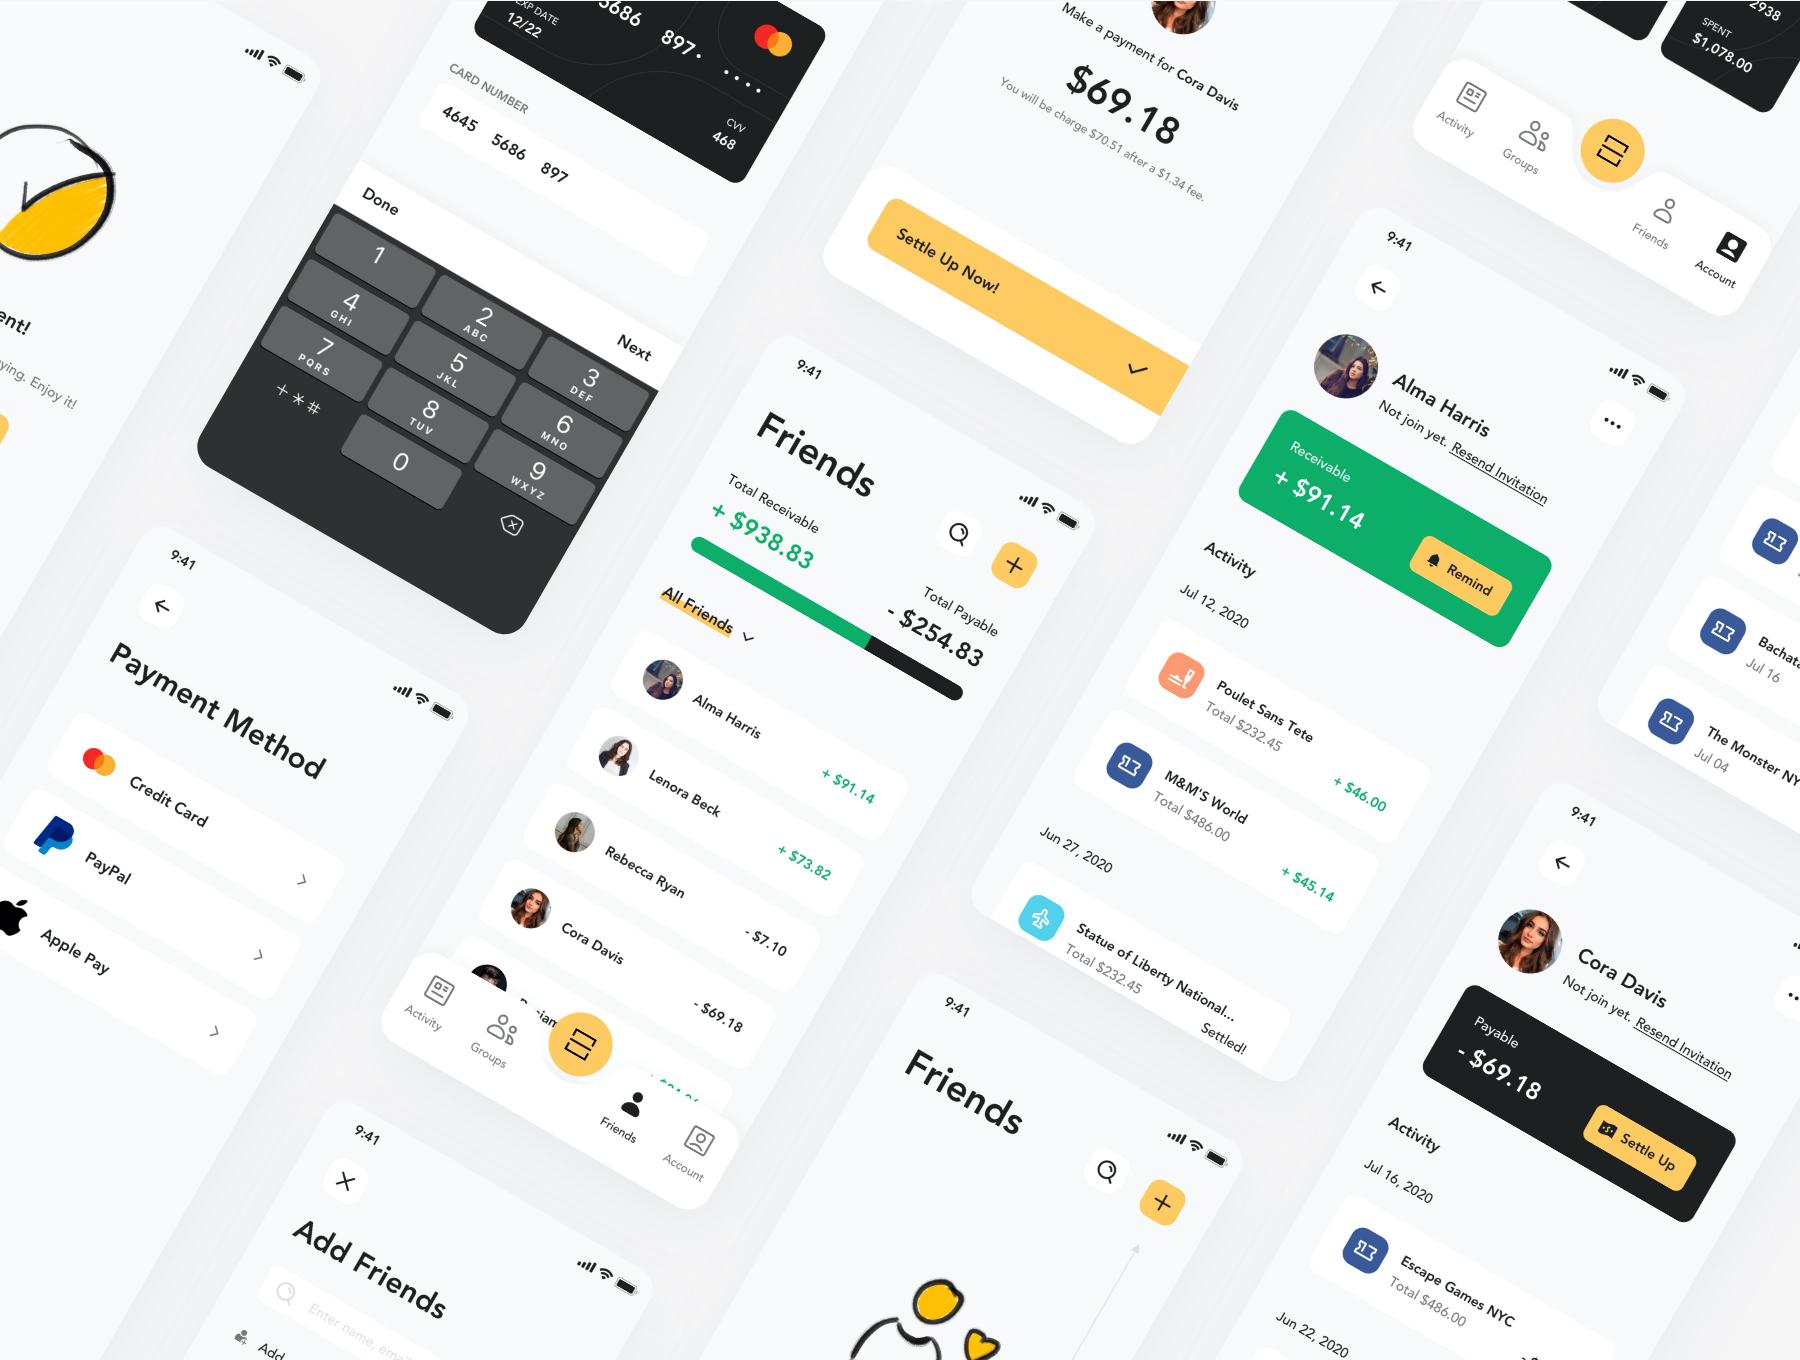 货币金融财务账单管理APP应用设计UI套件 Fairpay – Split Bill App UI Kit插图(2)